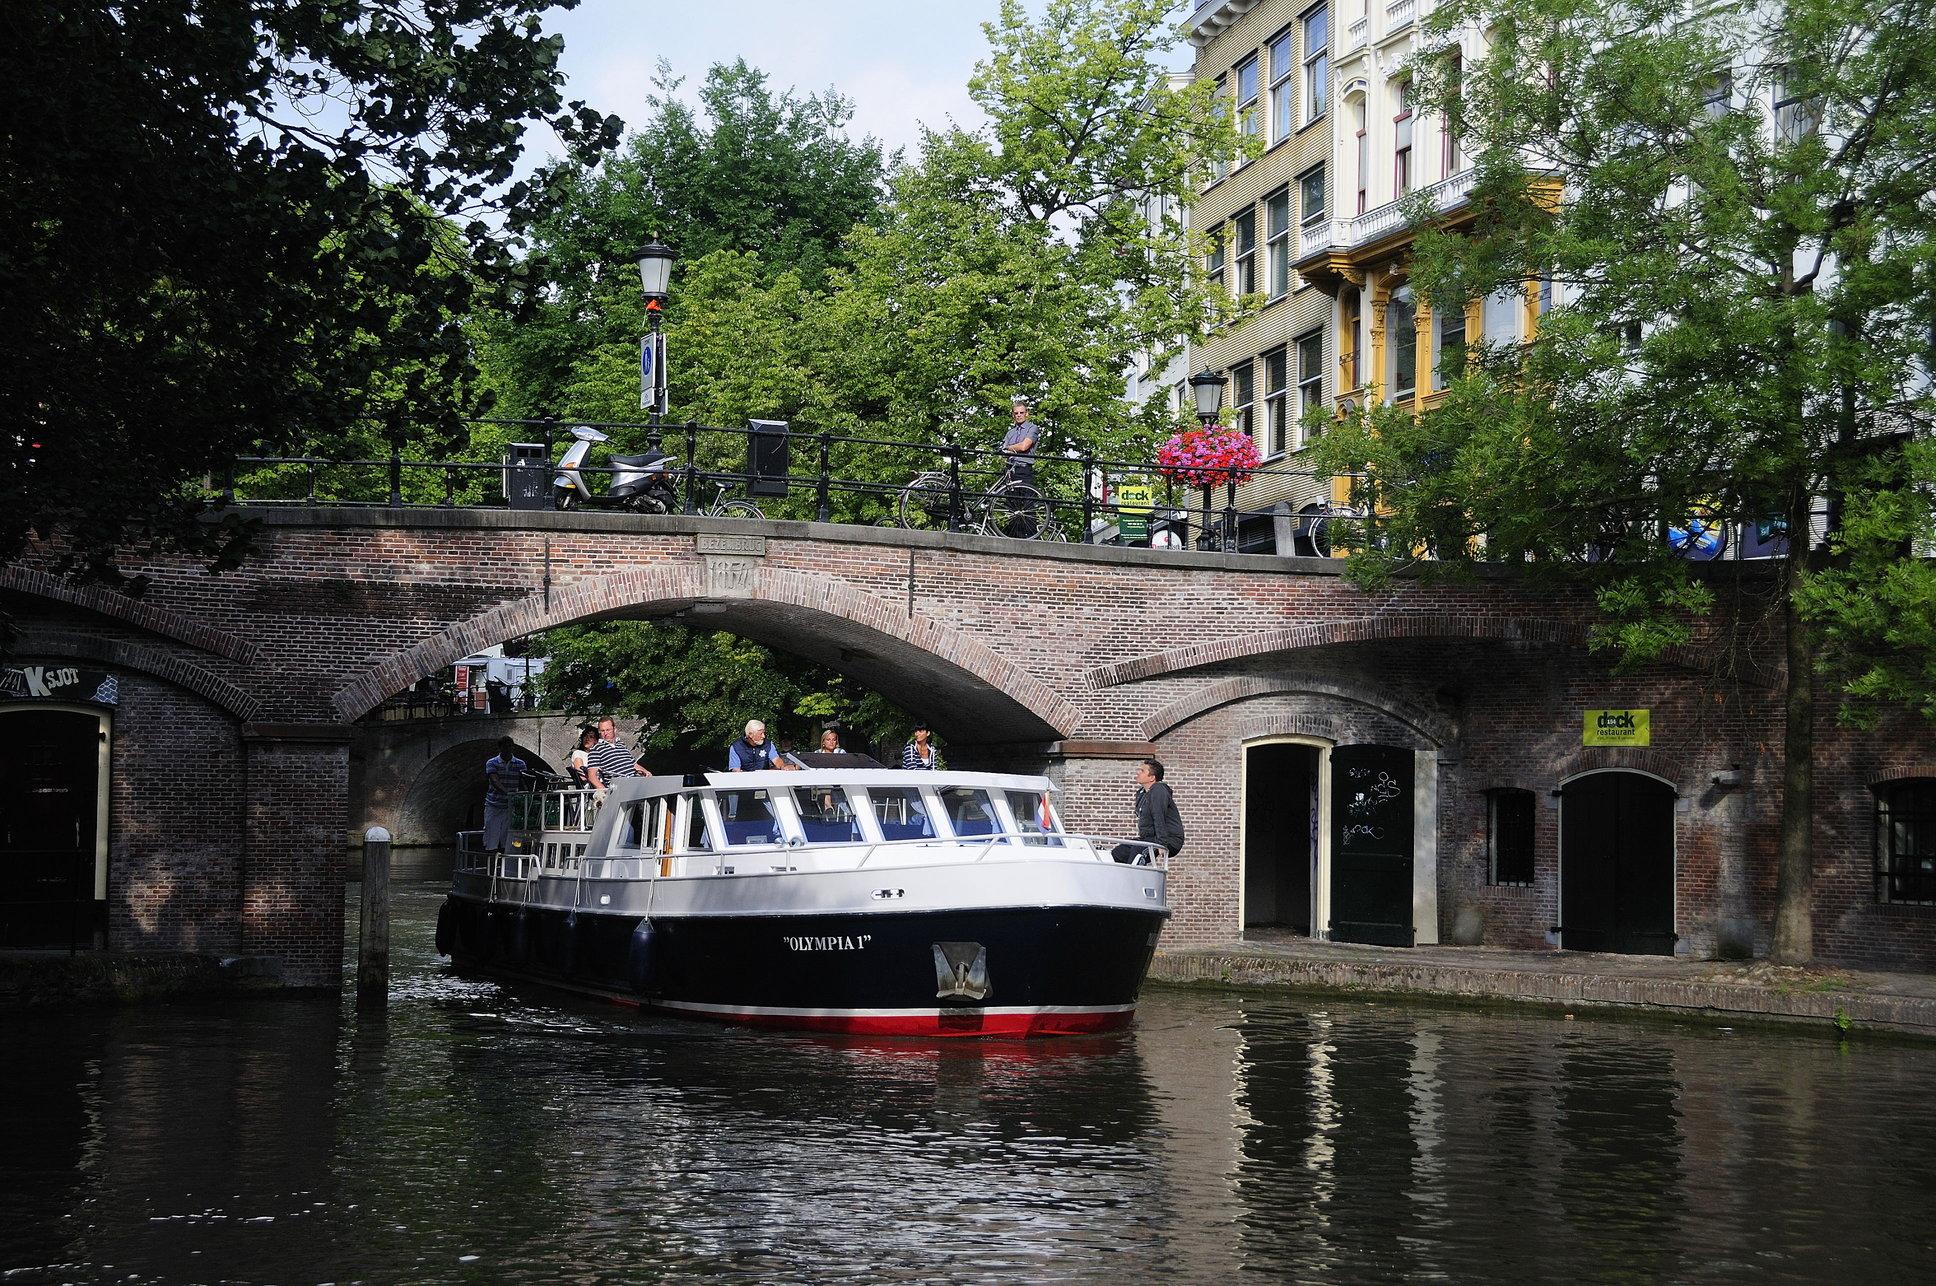 hausboot mieten in holland ohne f hrerschein zu fahren. Black Bedroom Furniture Sets. Home Design Ideas